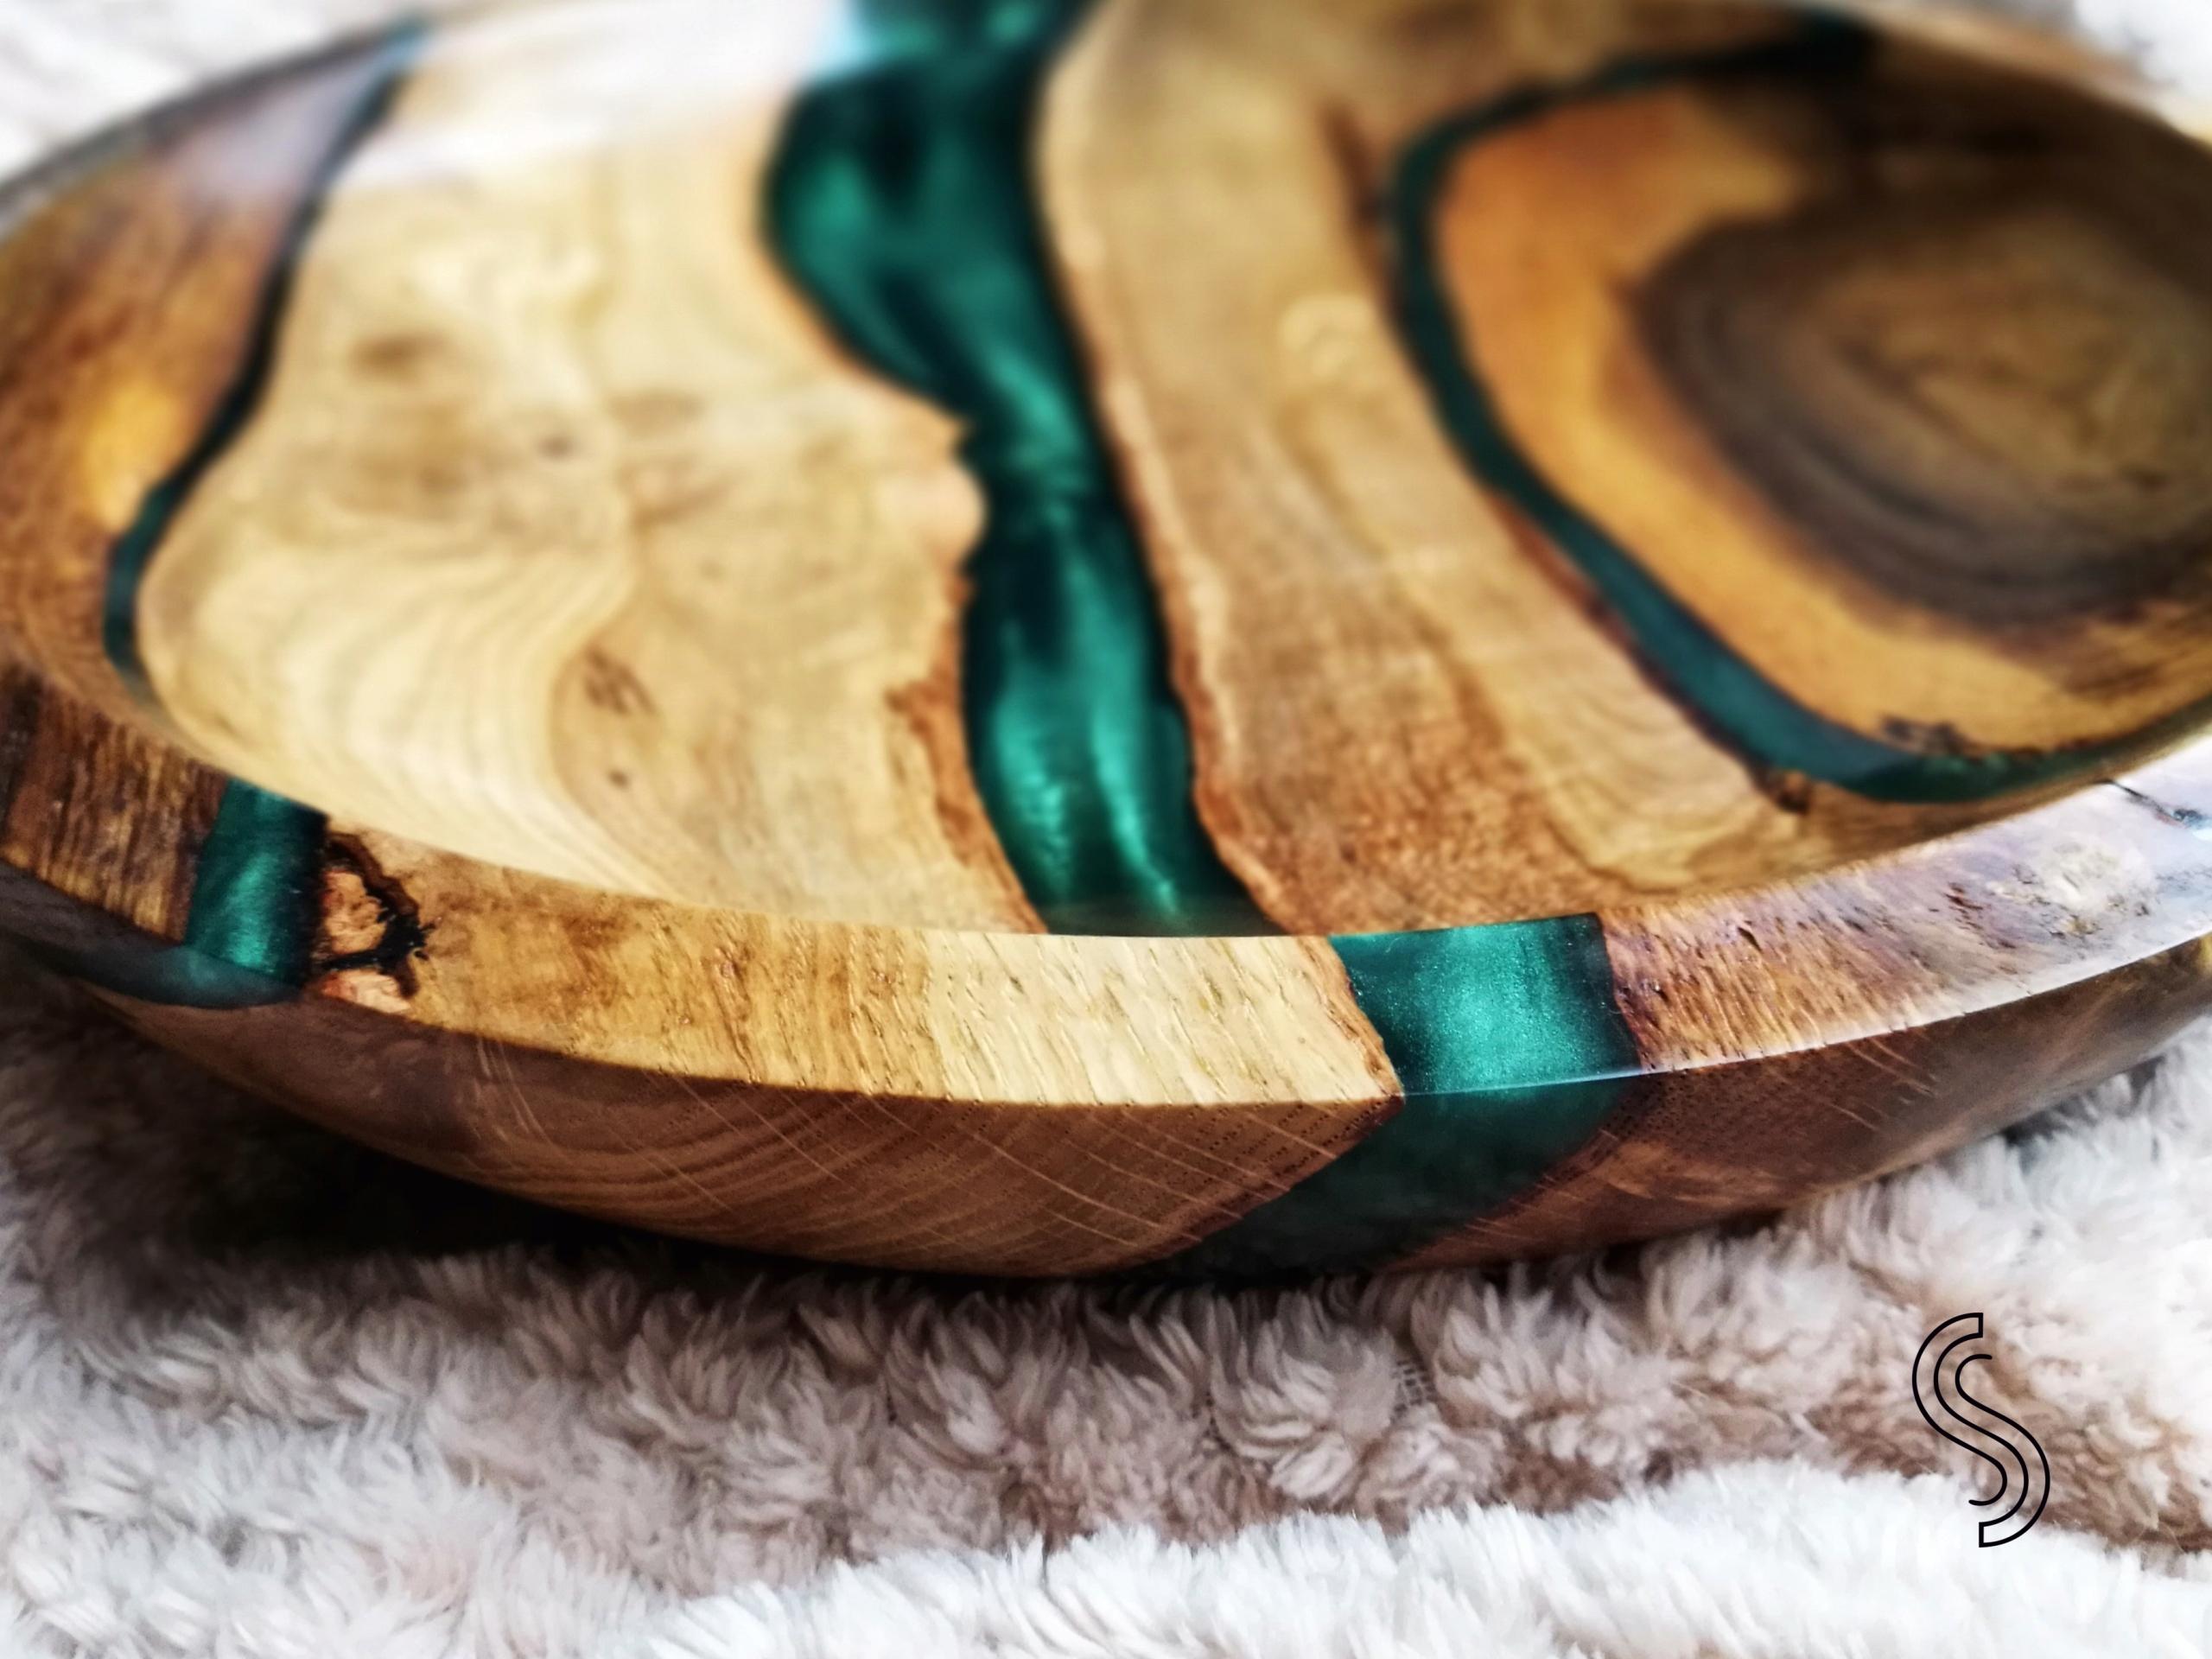 Misa drewniana dąb duża ok. 30 cm ręcznie toczona